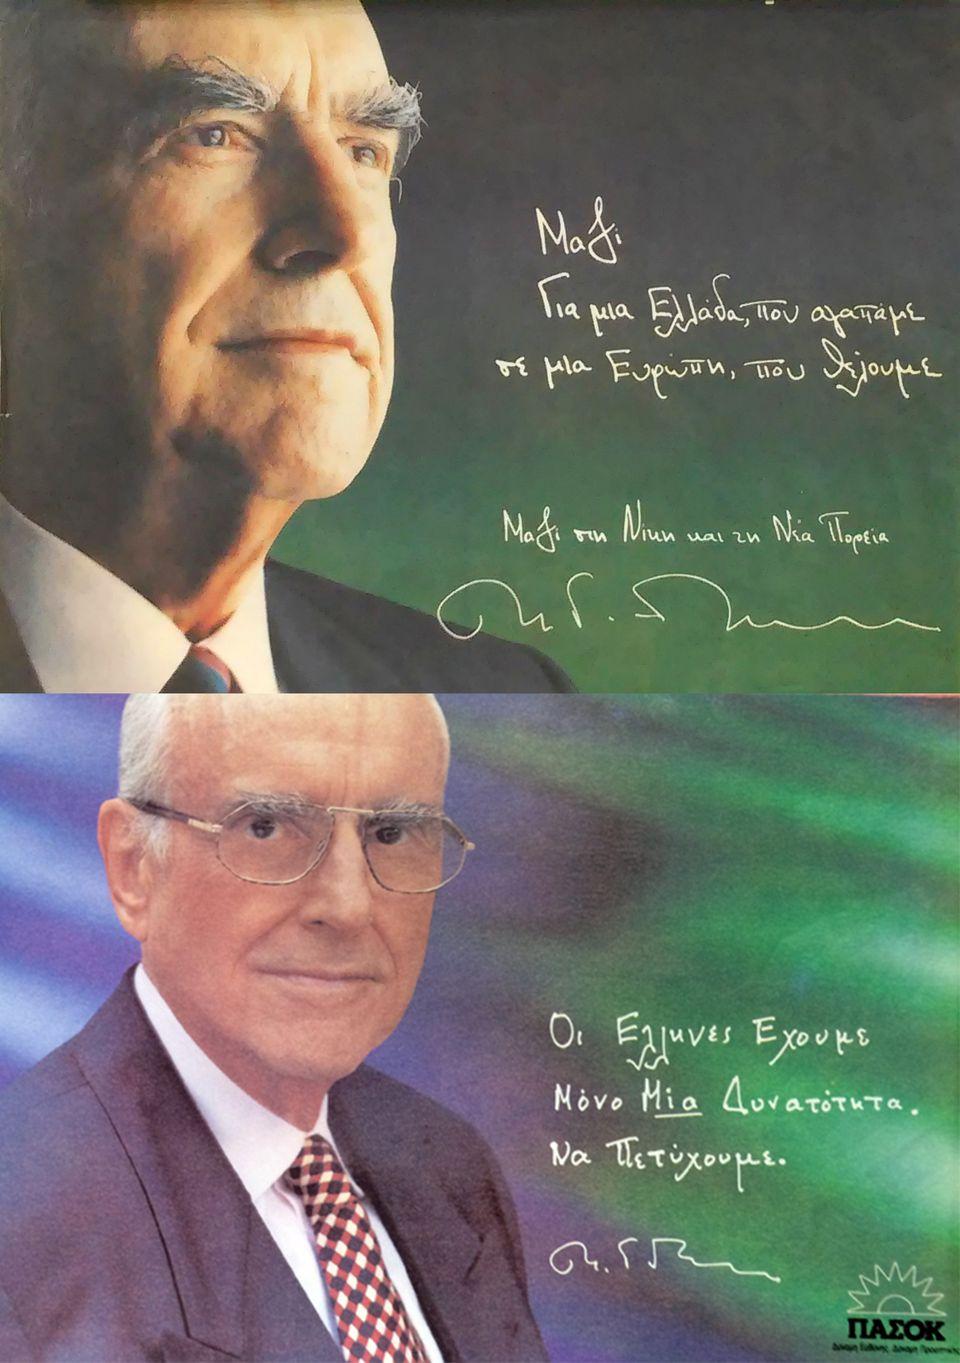 Αφίσες του ΠΑΣΟΚ το 1989 (πάνω) και το 1993 (κάτω)